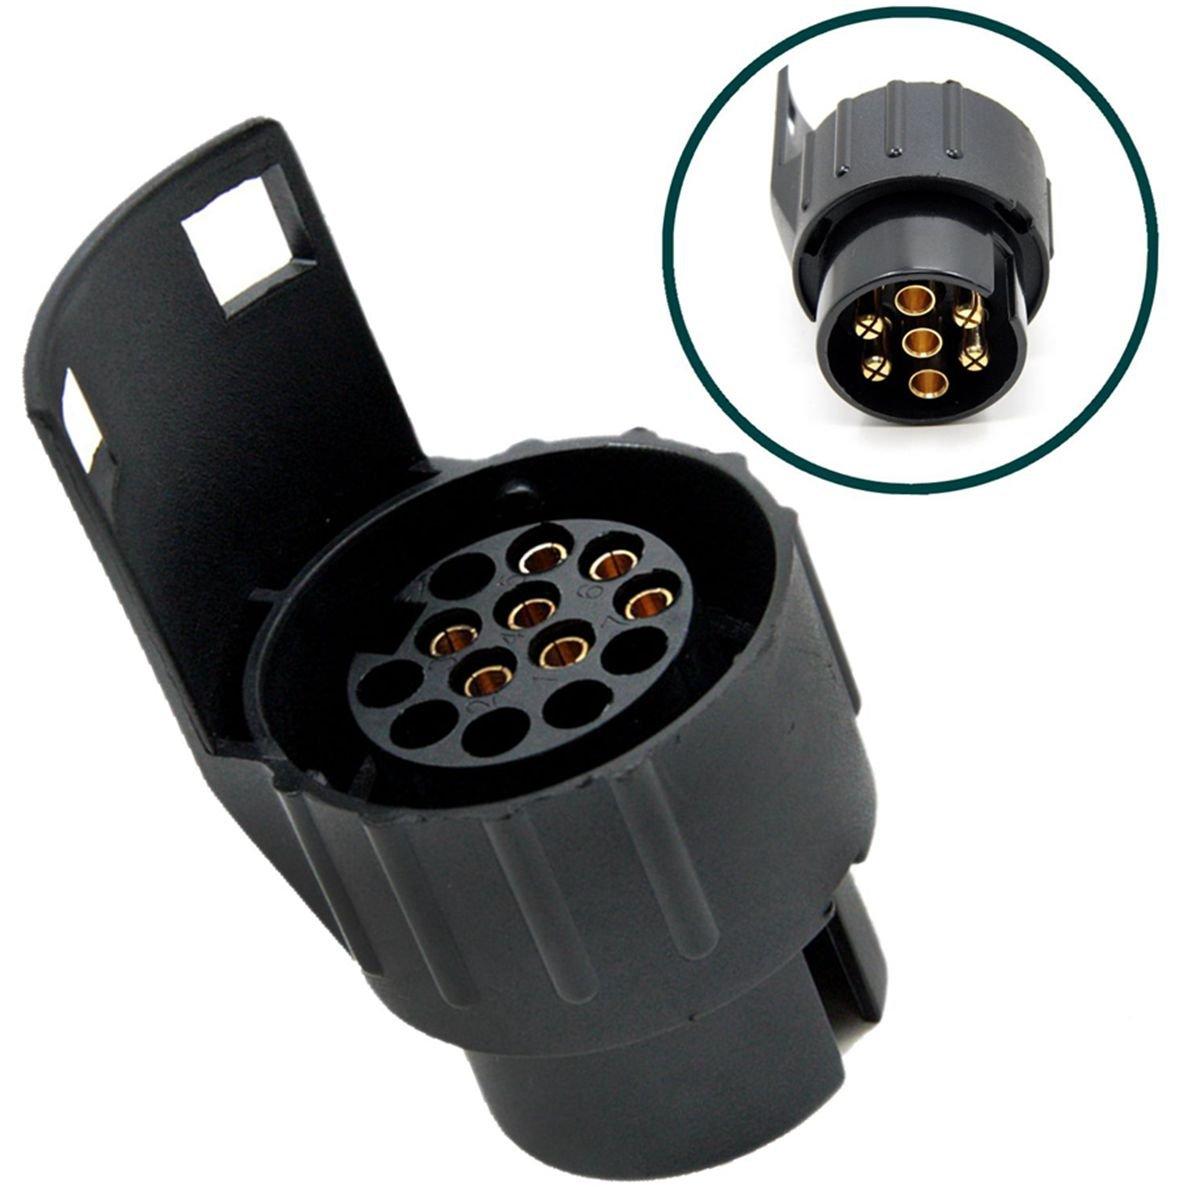 12V Adaptador para enchufe de remolque de 7 Pines a 13 Pines Convertidor Adaptador de Corriente para Caravana, Autocaravana o camió n 7 Pin a 13 Pin Adaptador Conector de Enchufe Trailer Plug Adapter TIANOR NEW12VSQ_de